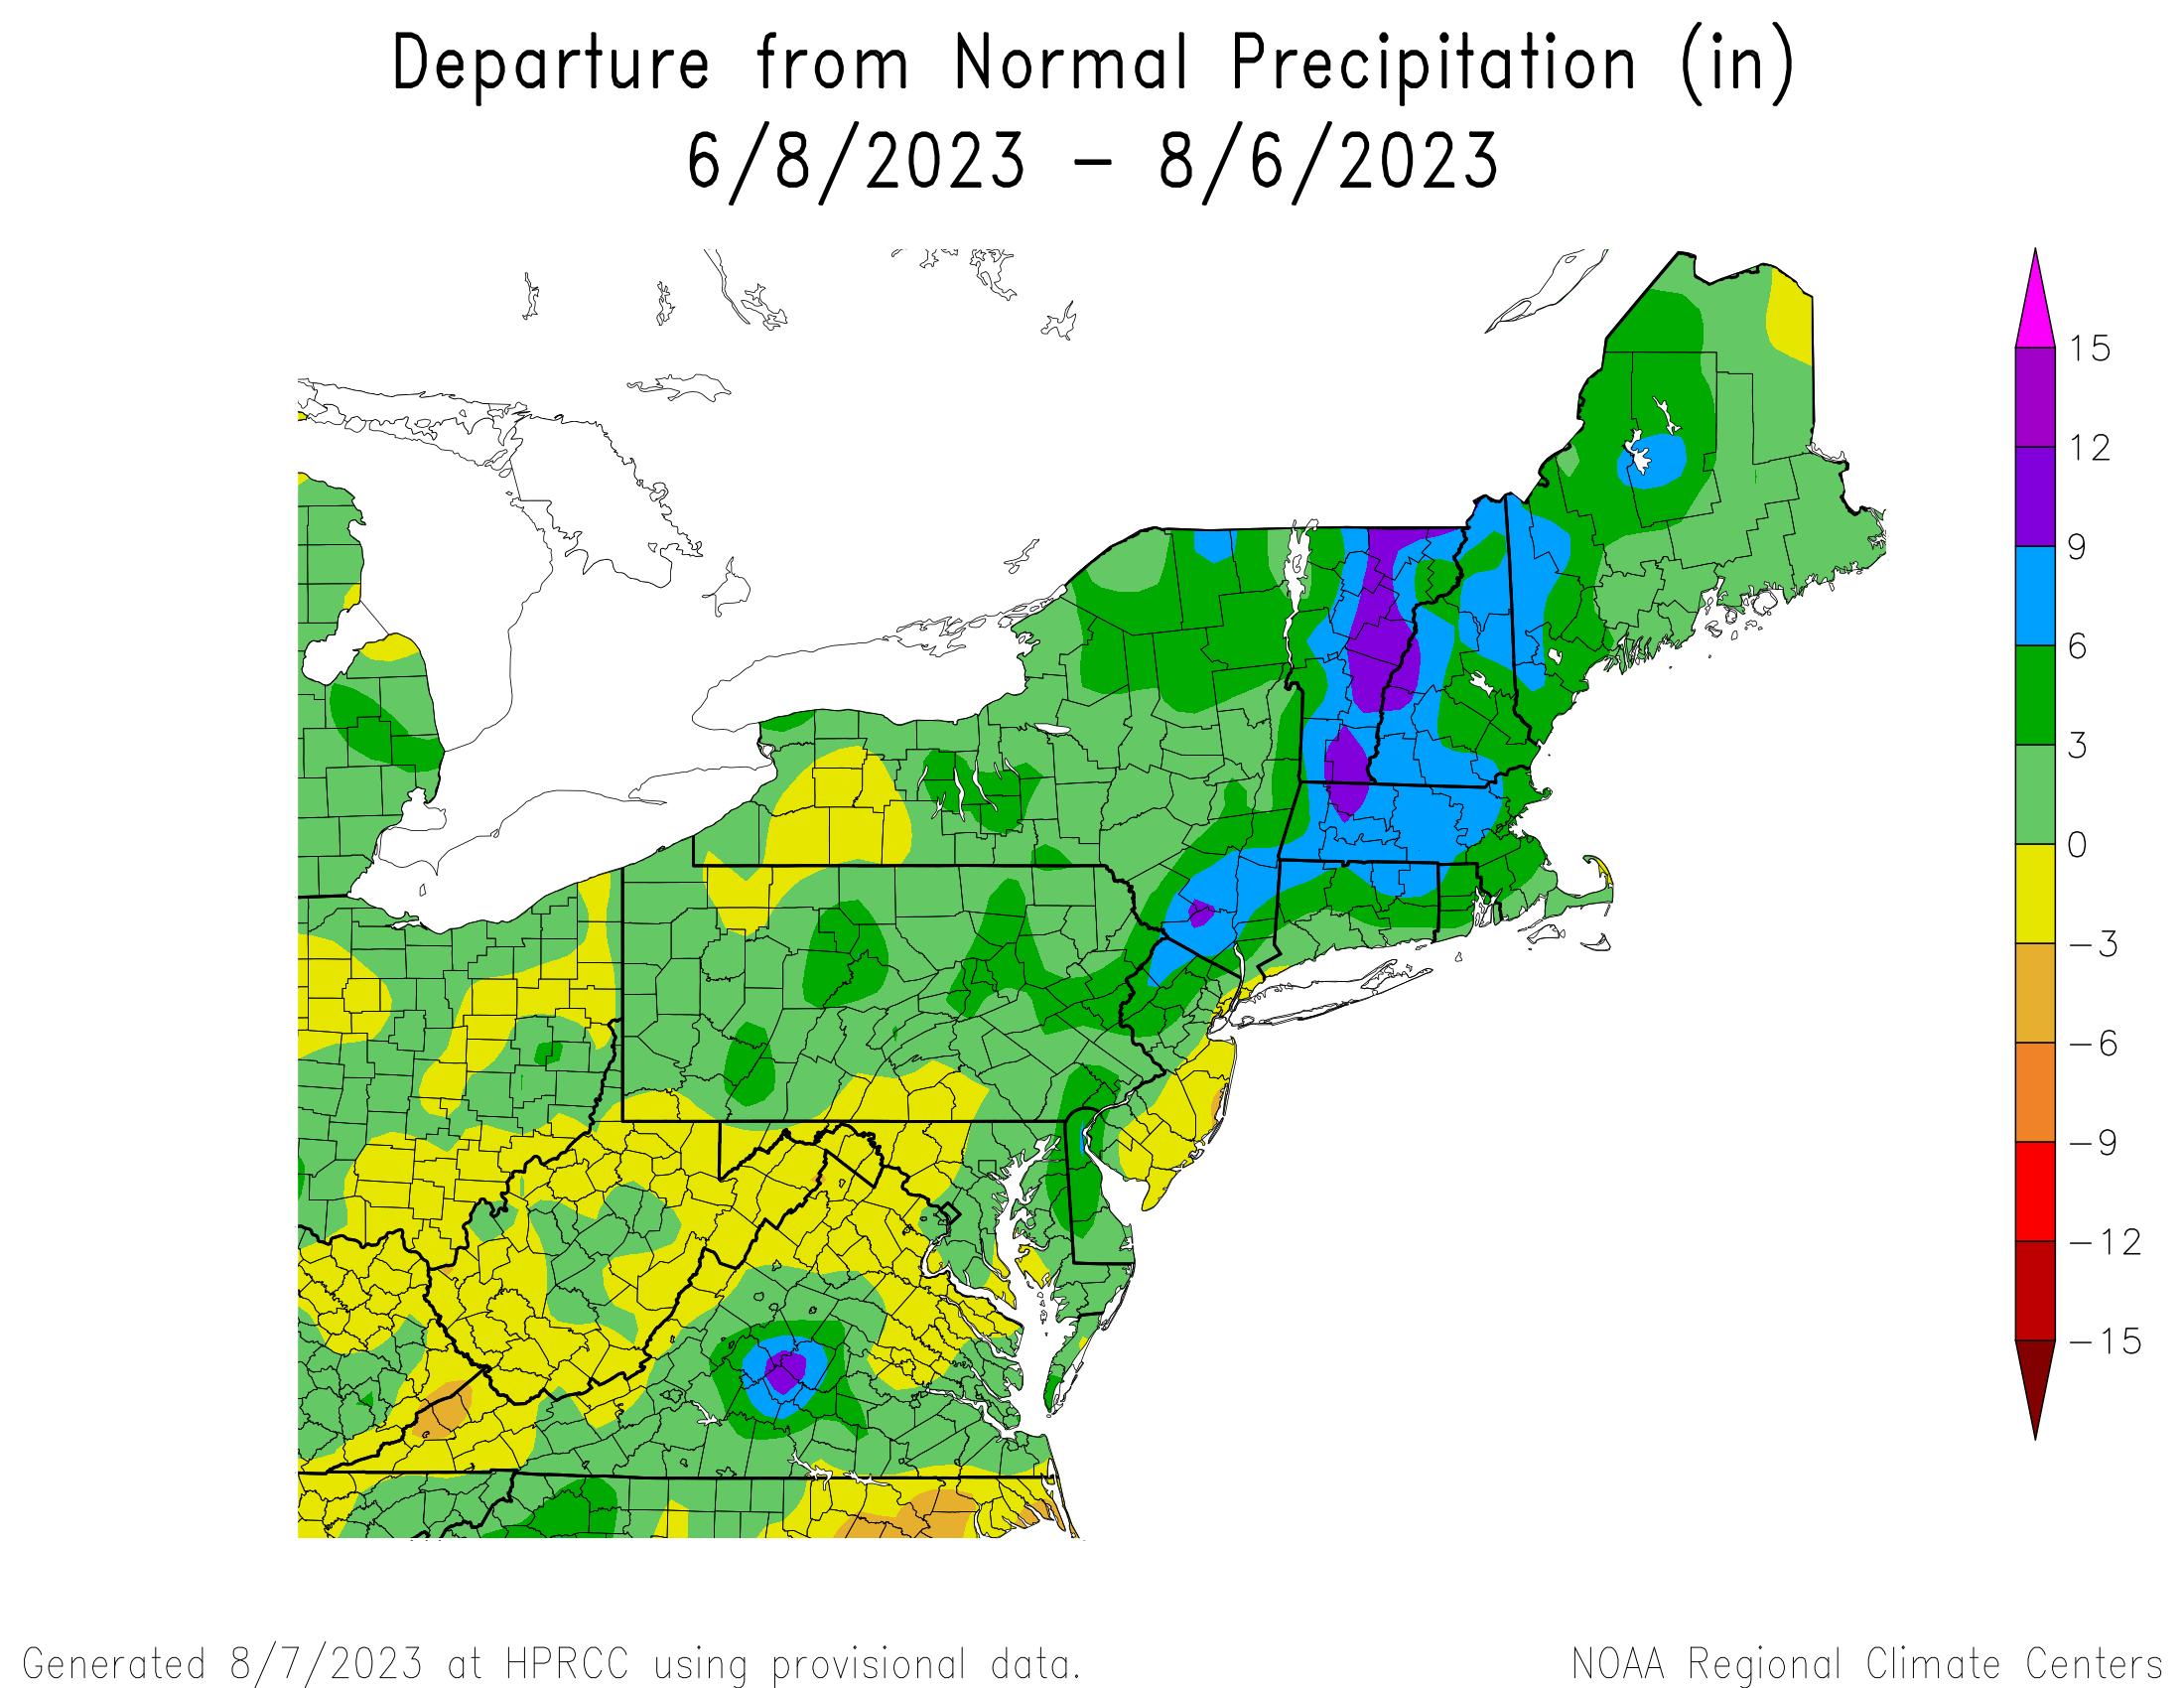 60-Day Total Precipitation Departure